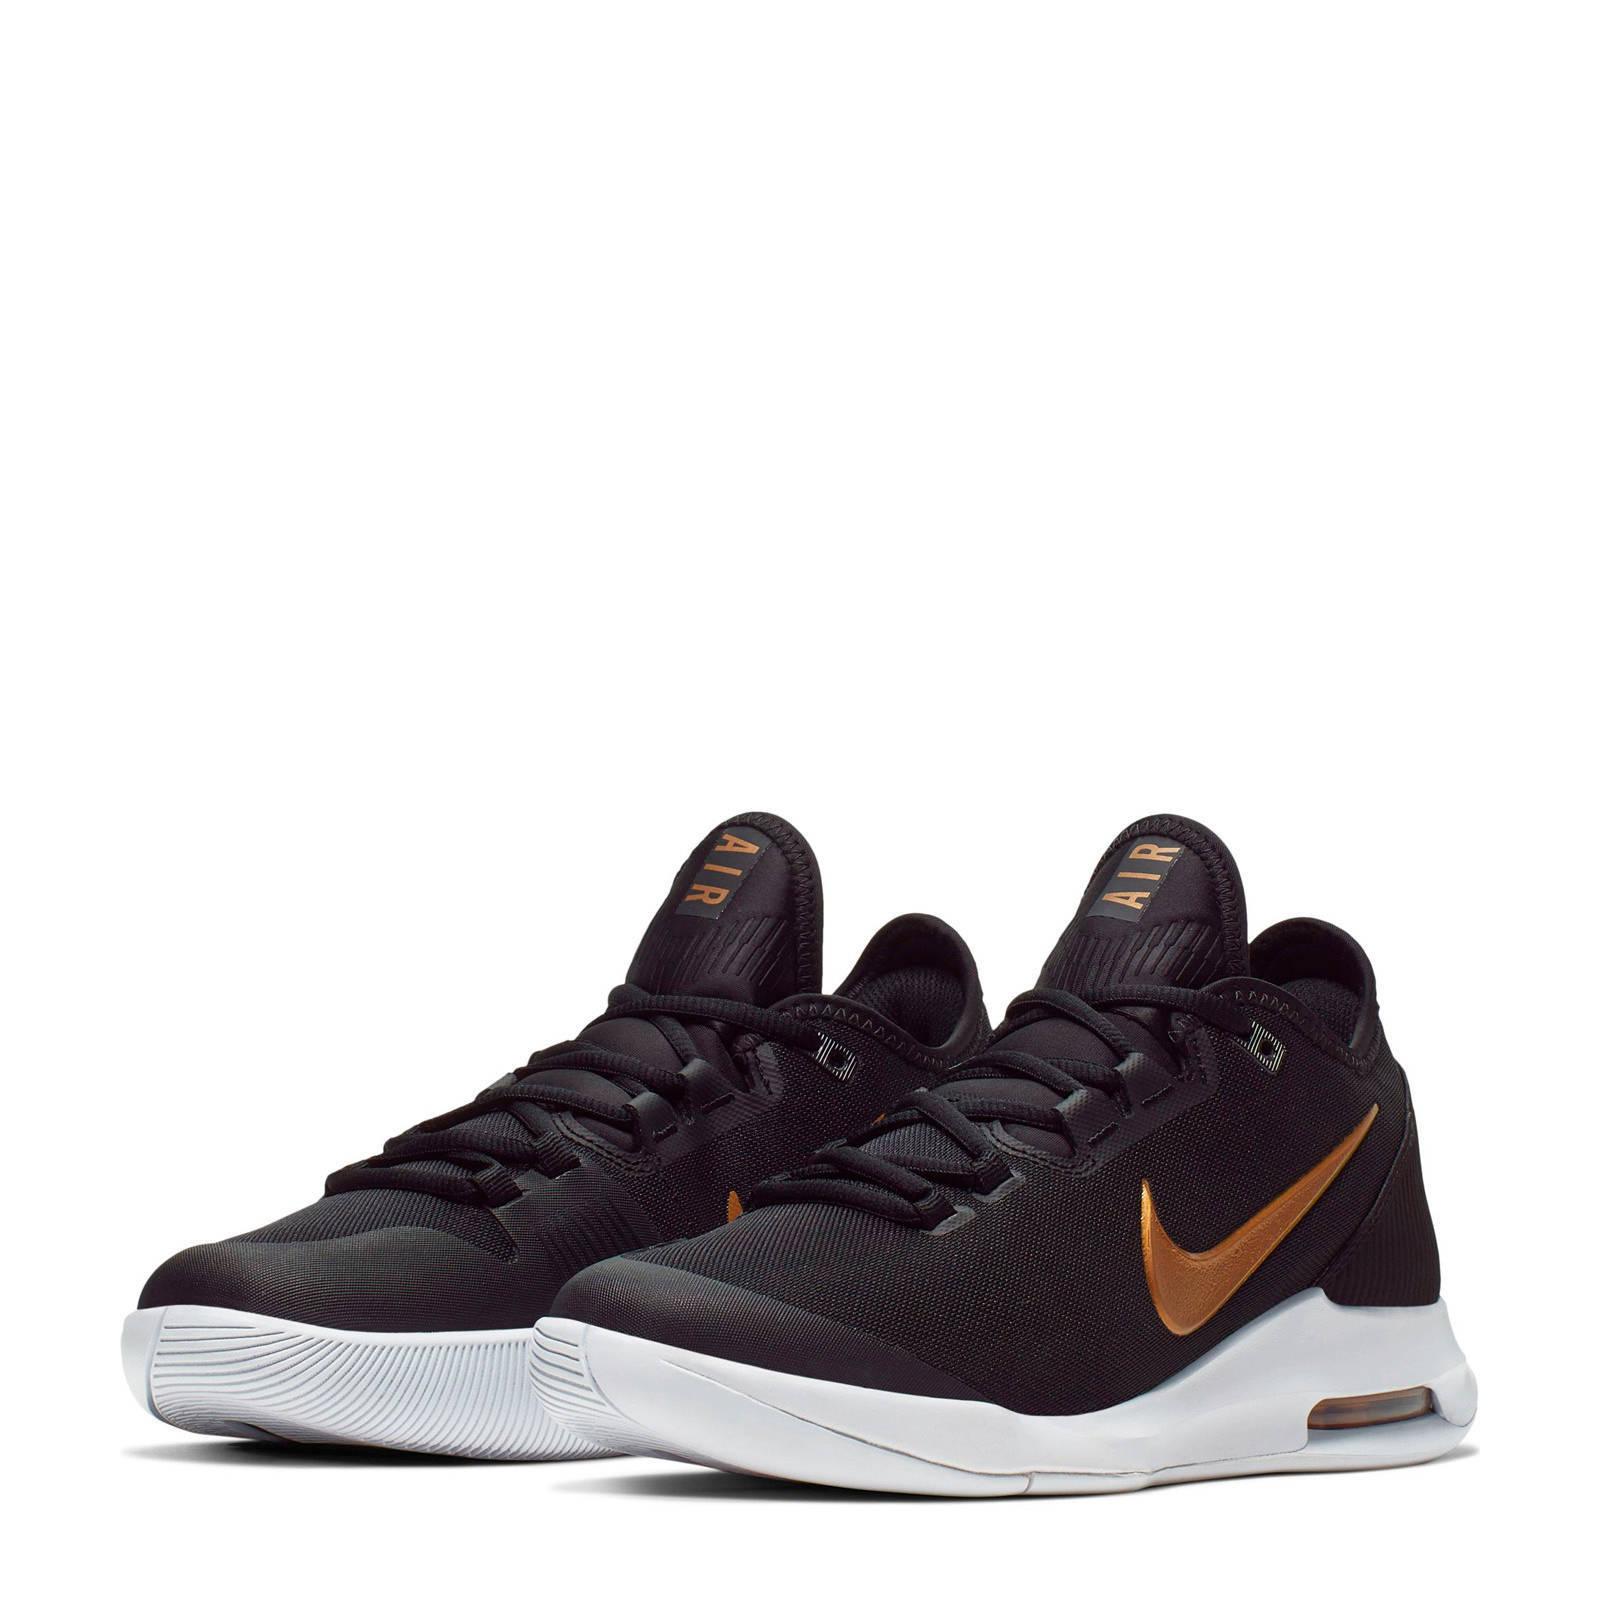 Nike Air Max Wildcard Hc tennisschoenen zwartmetallic goud